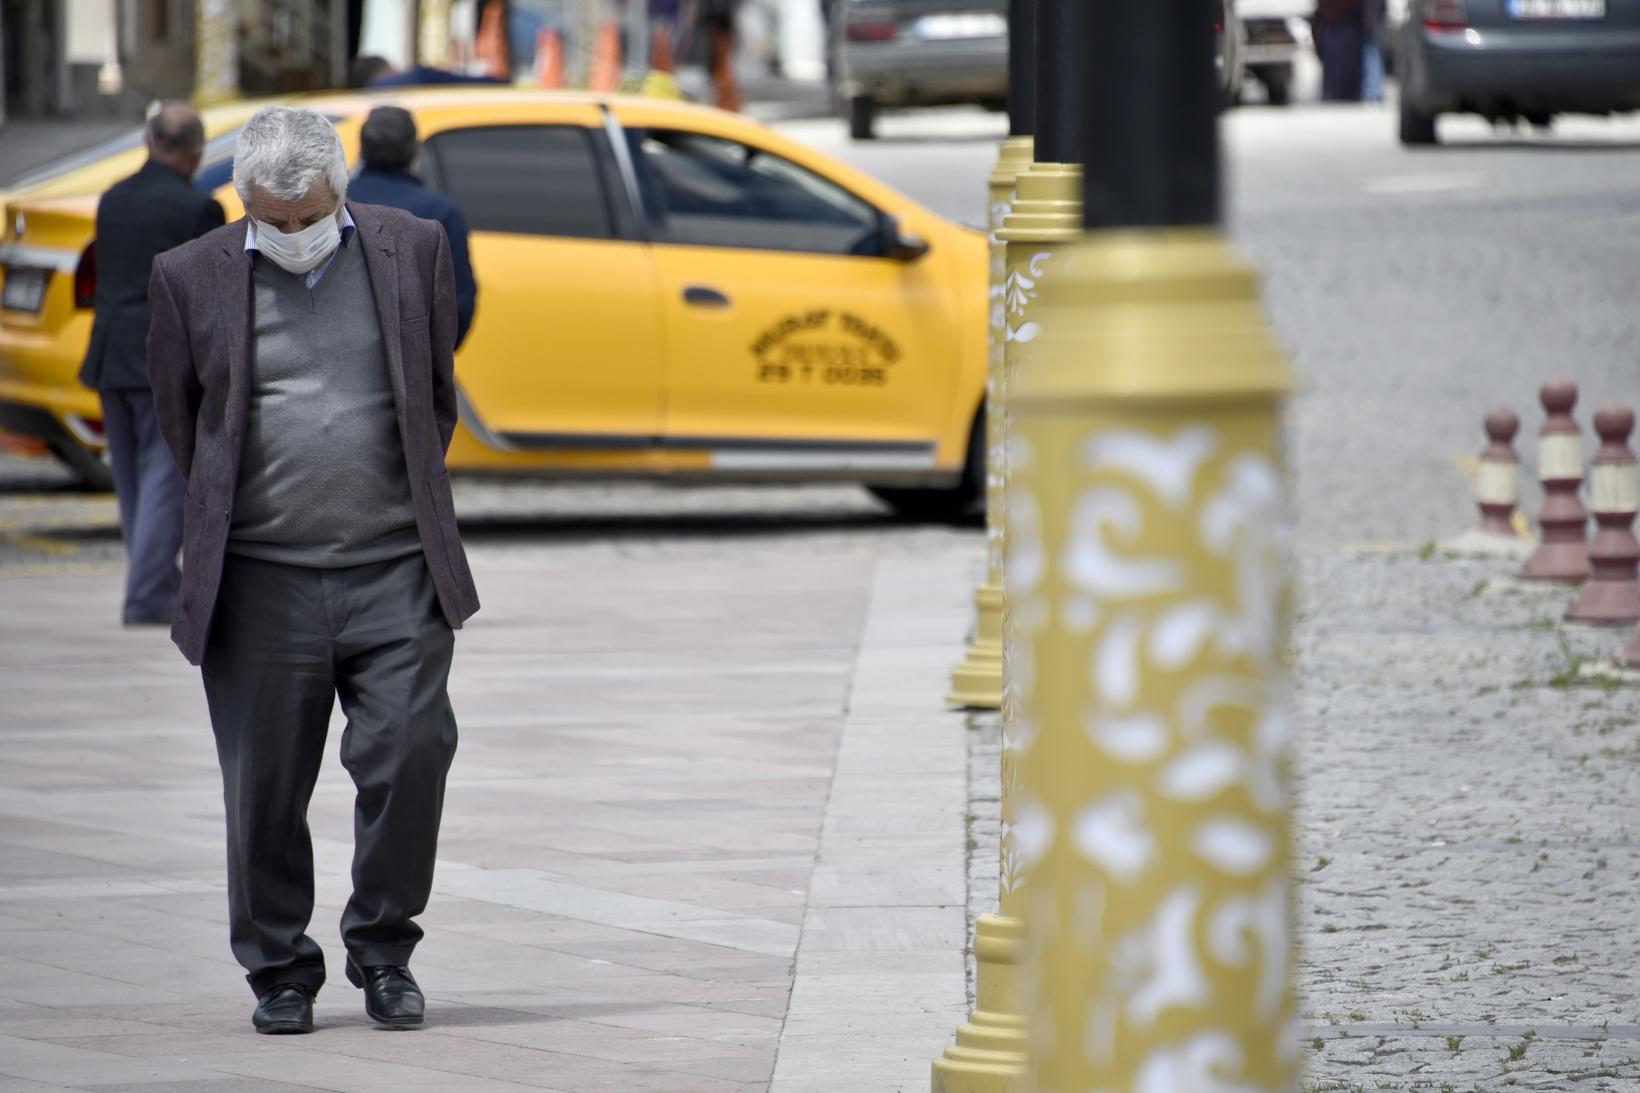 65 yaş üzeri vatandaşlar çarşıya akın etti